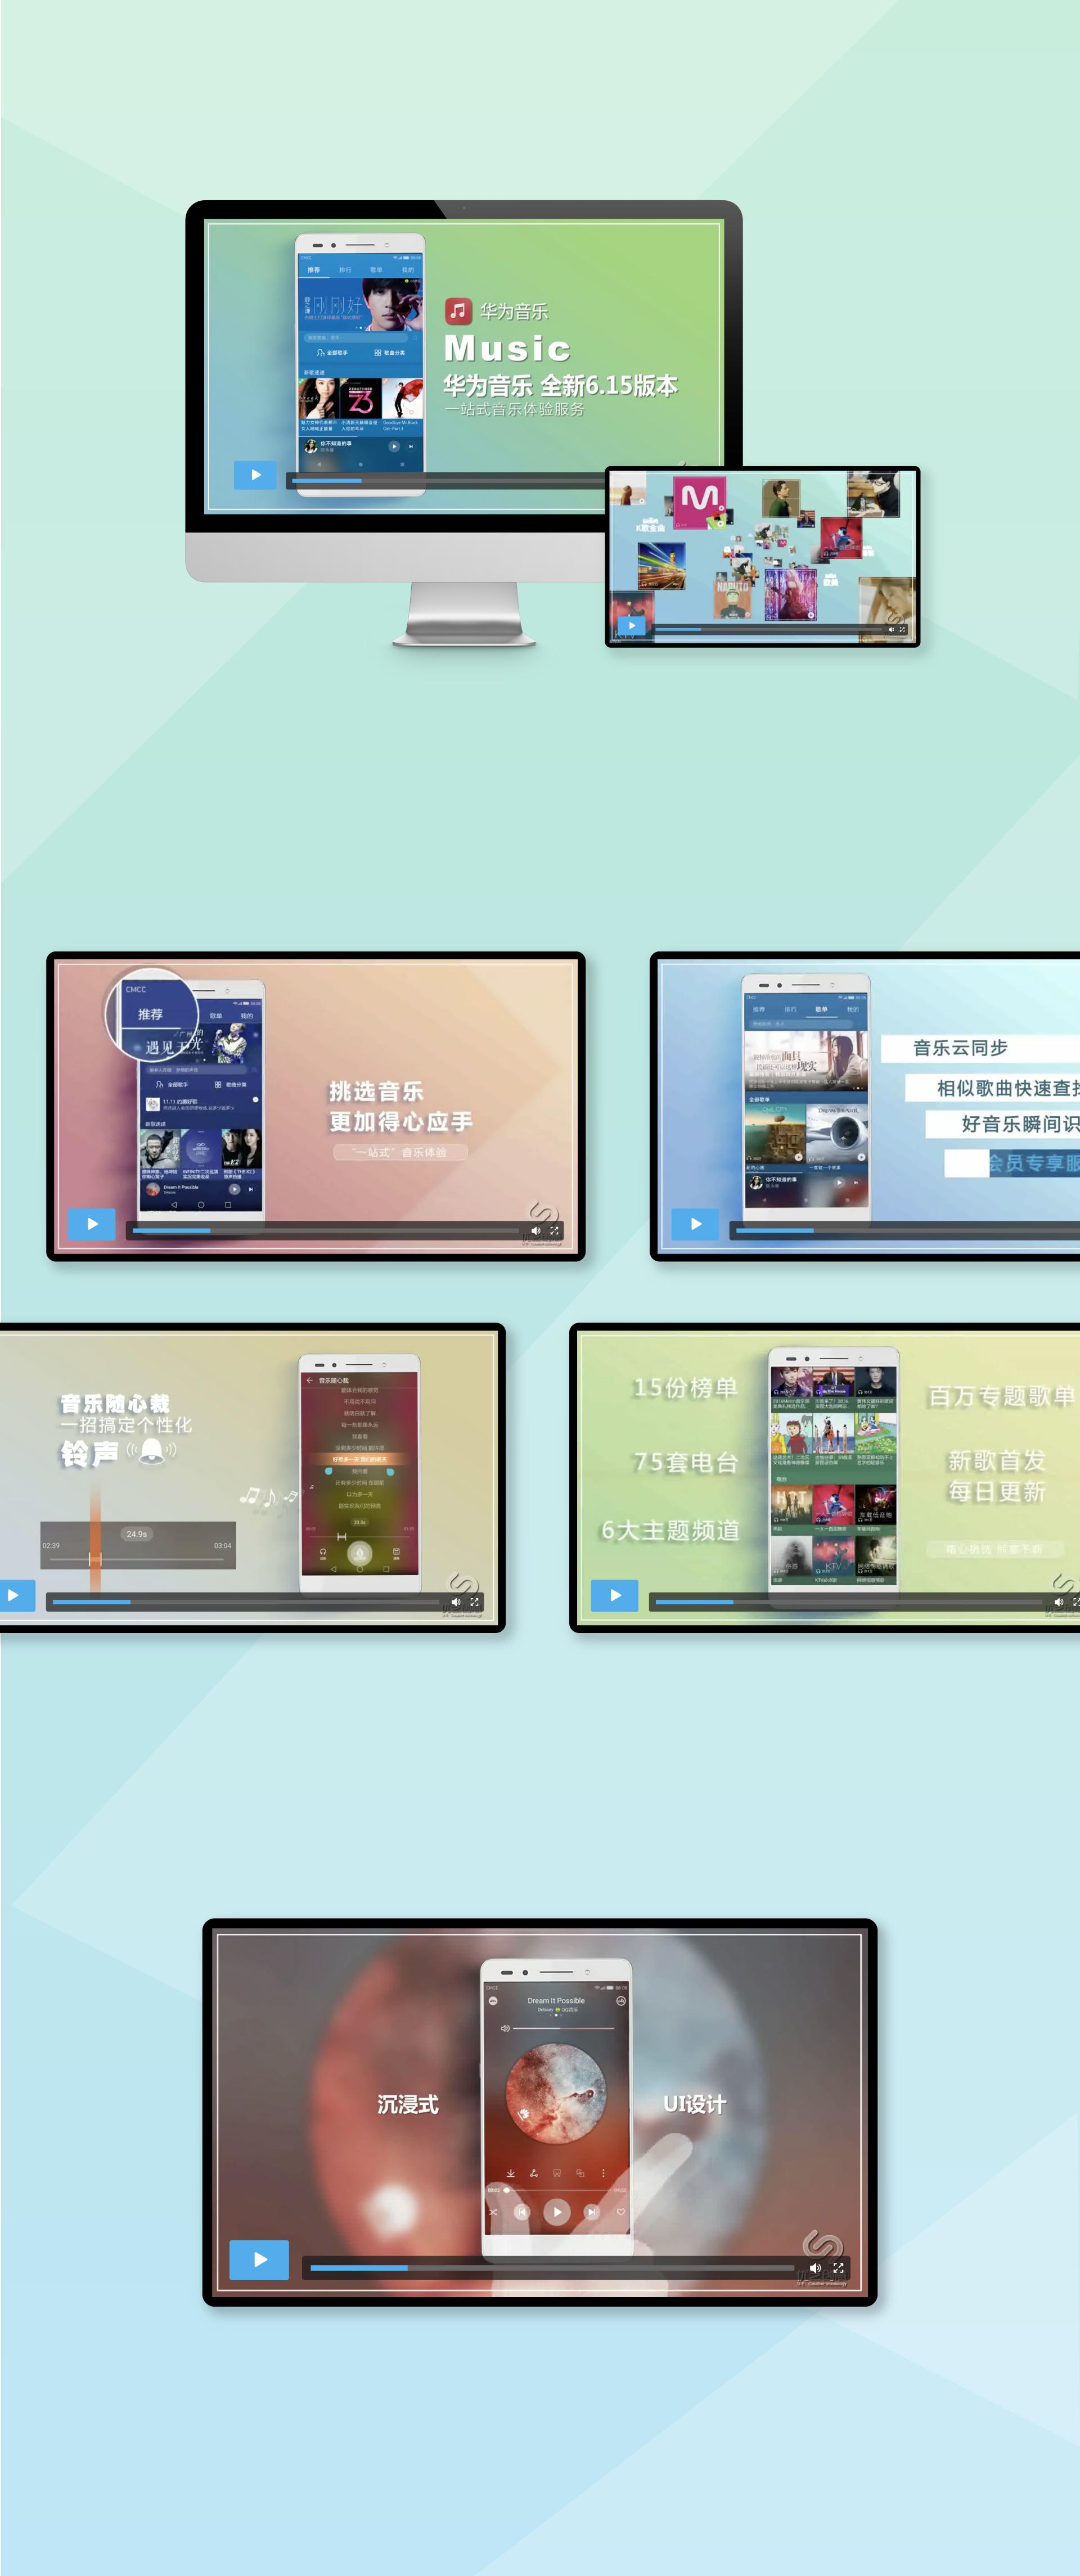 华为音乐宣传视频设计制作